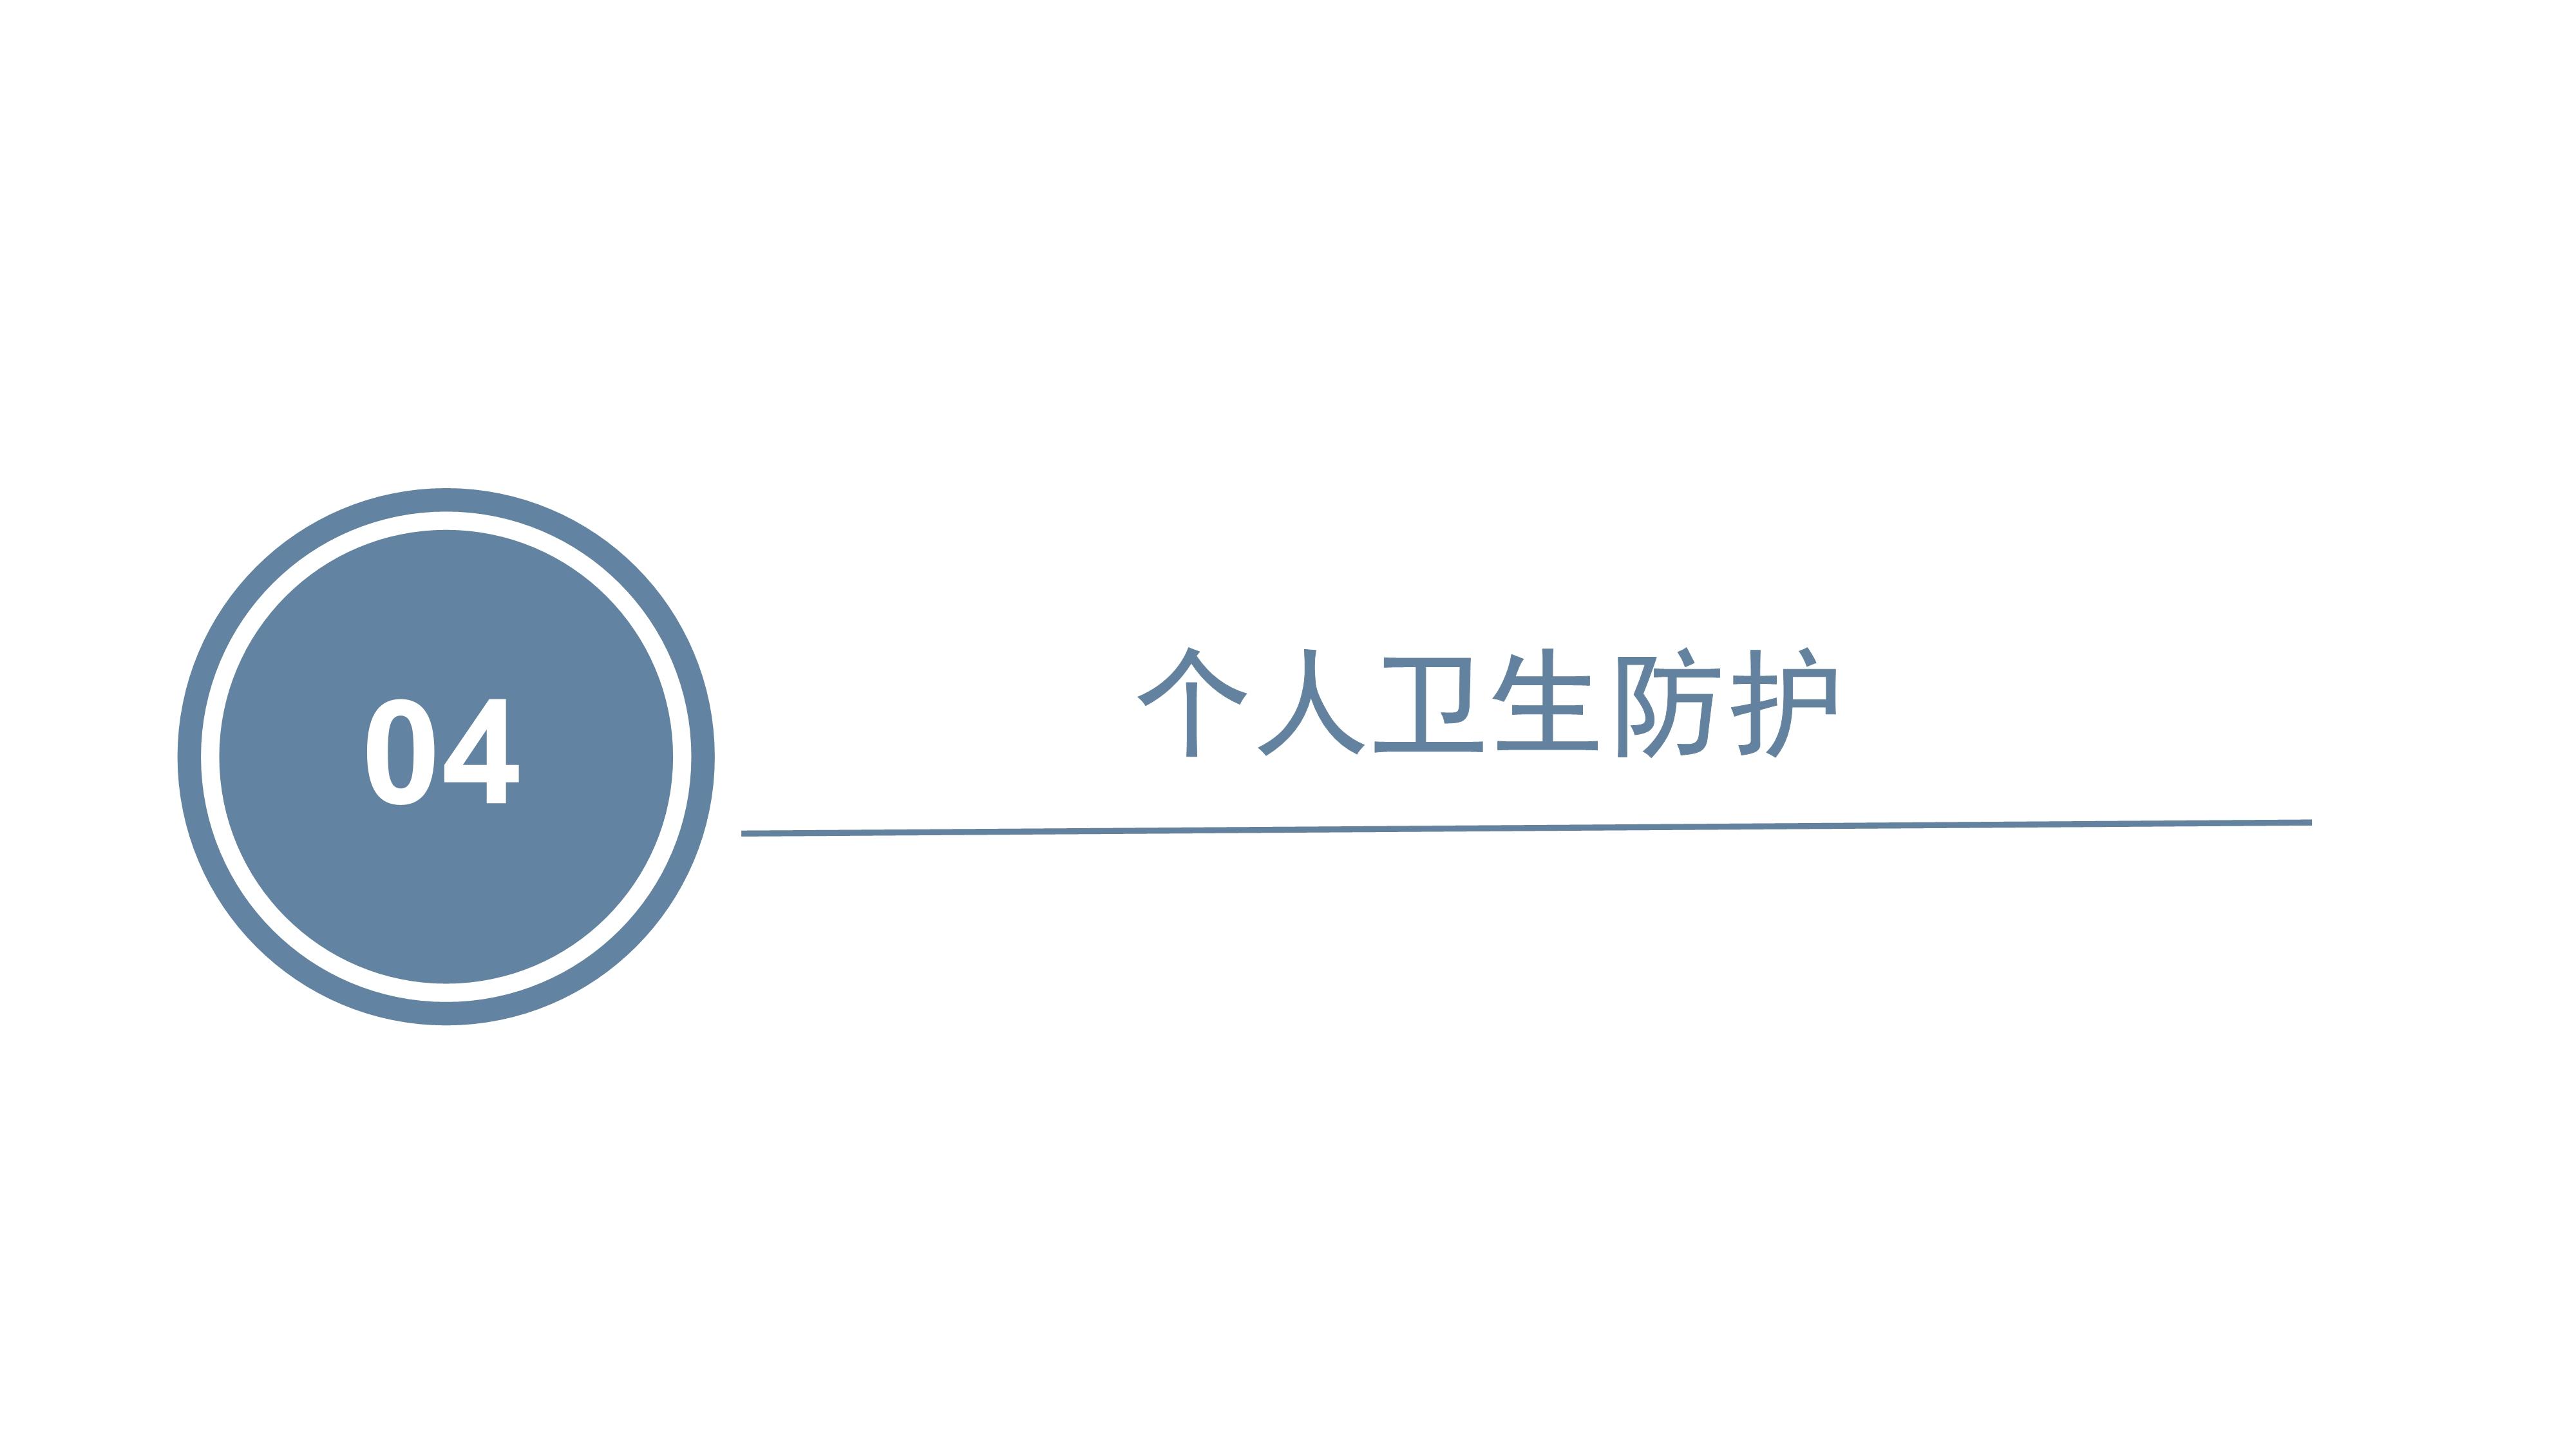 新型冠状病毒肺炎预防手册_60